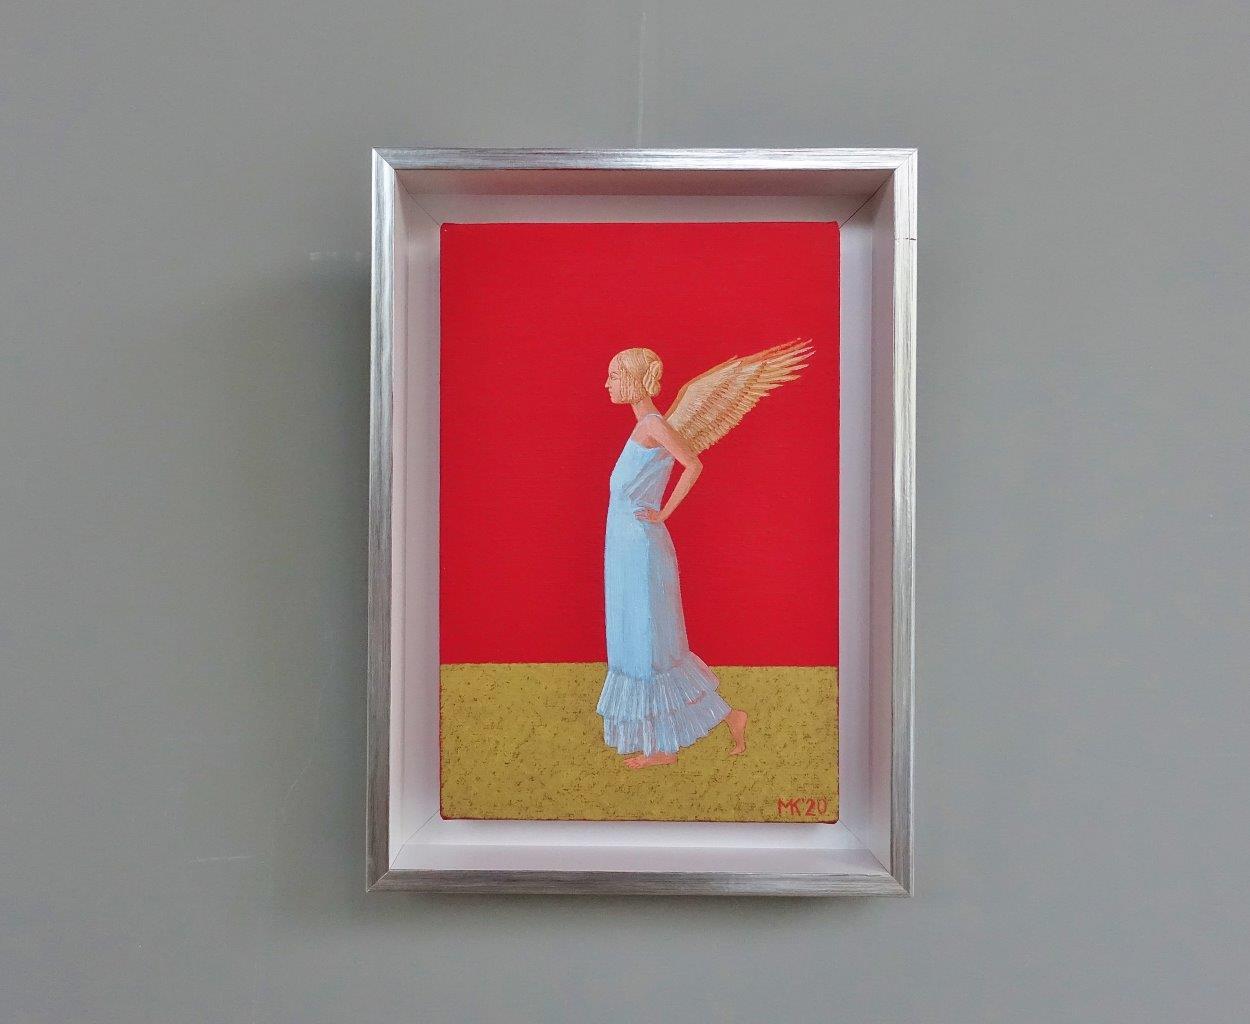 Mikołaj Kasprzyk : Angel on a red background